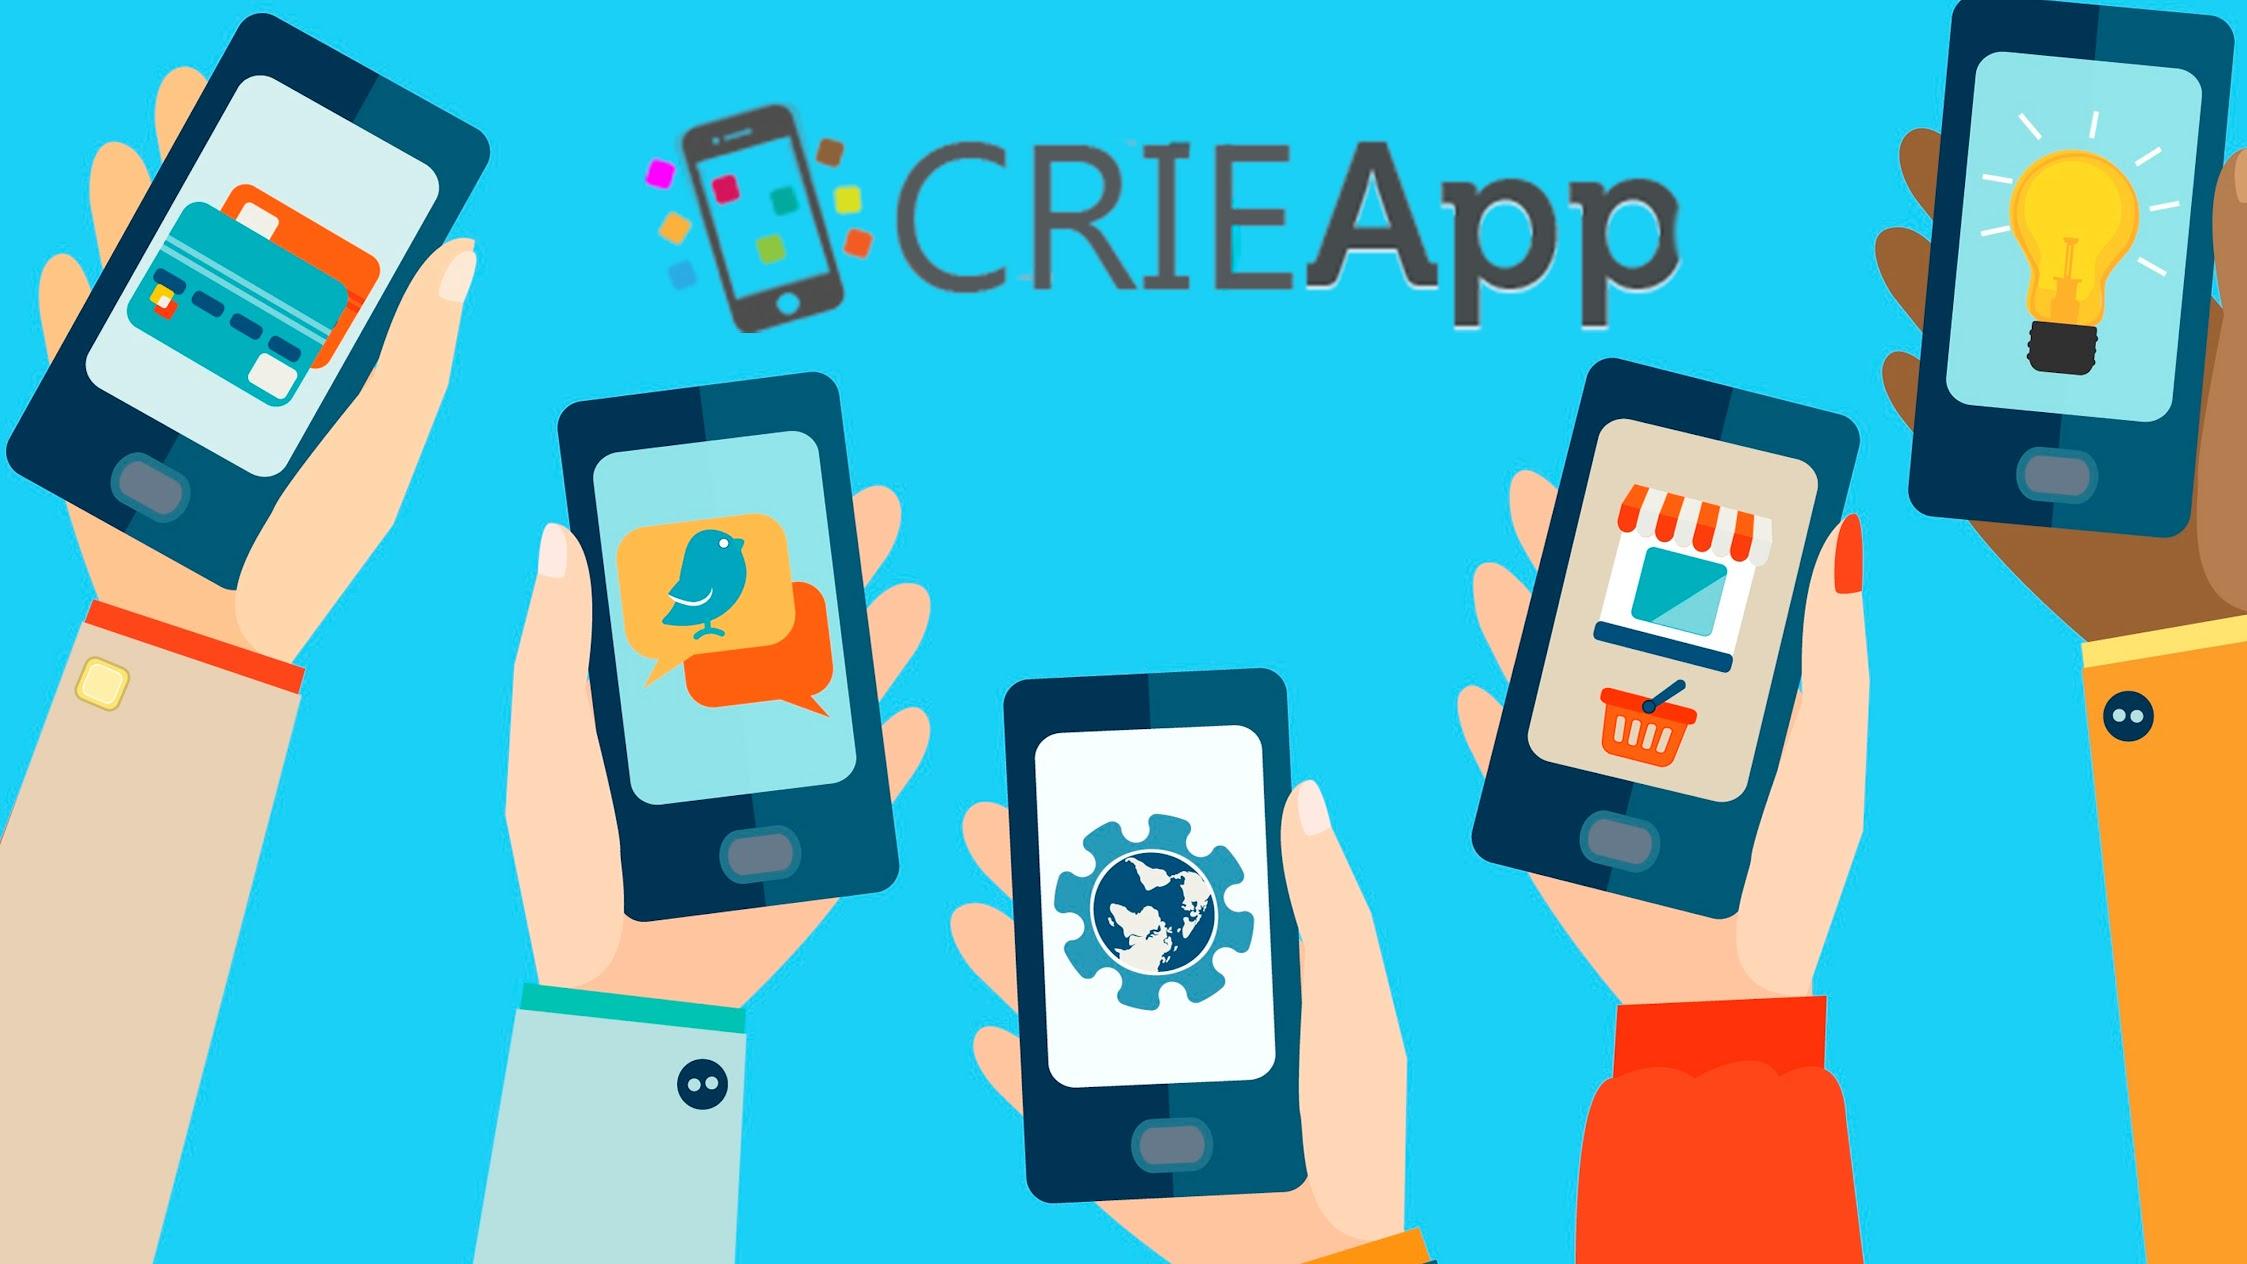 CrieApp